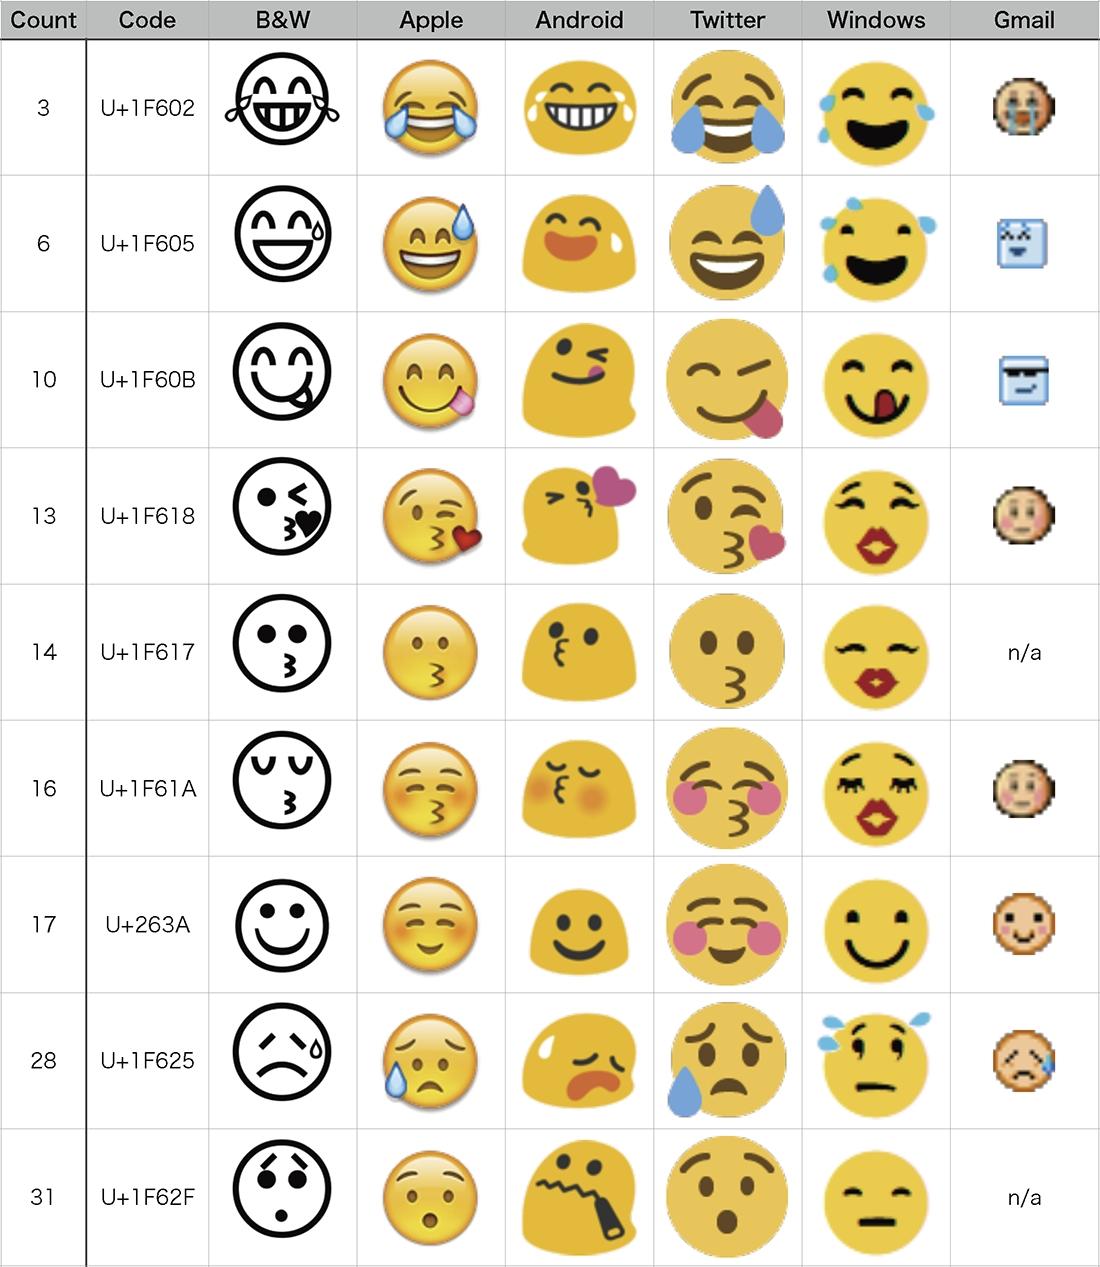 黄色スライム君ことAndroid標準絵文字の魅力😨😭🐙 [無断転載禁止]©2ch.net [773782618]->画像>56枚